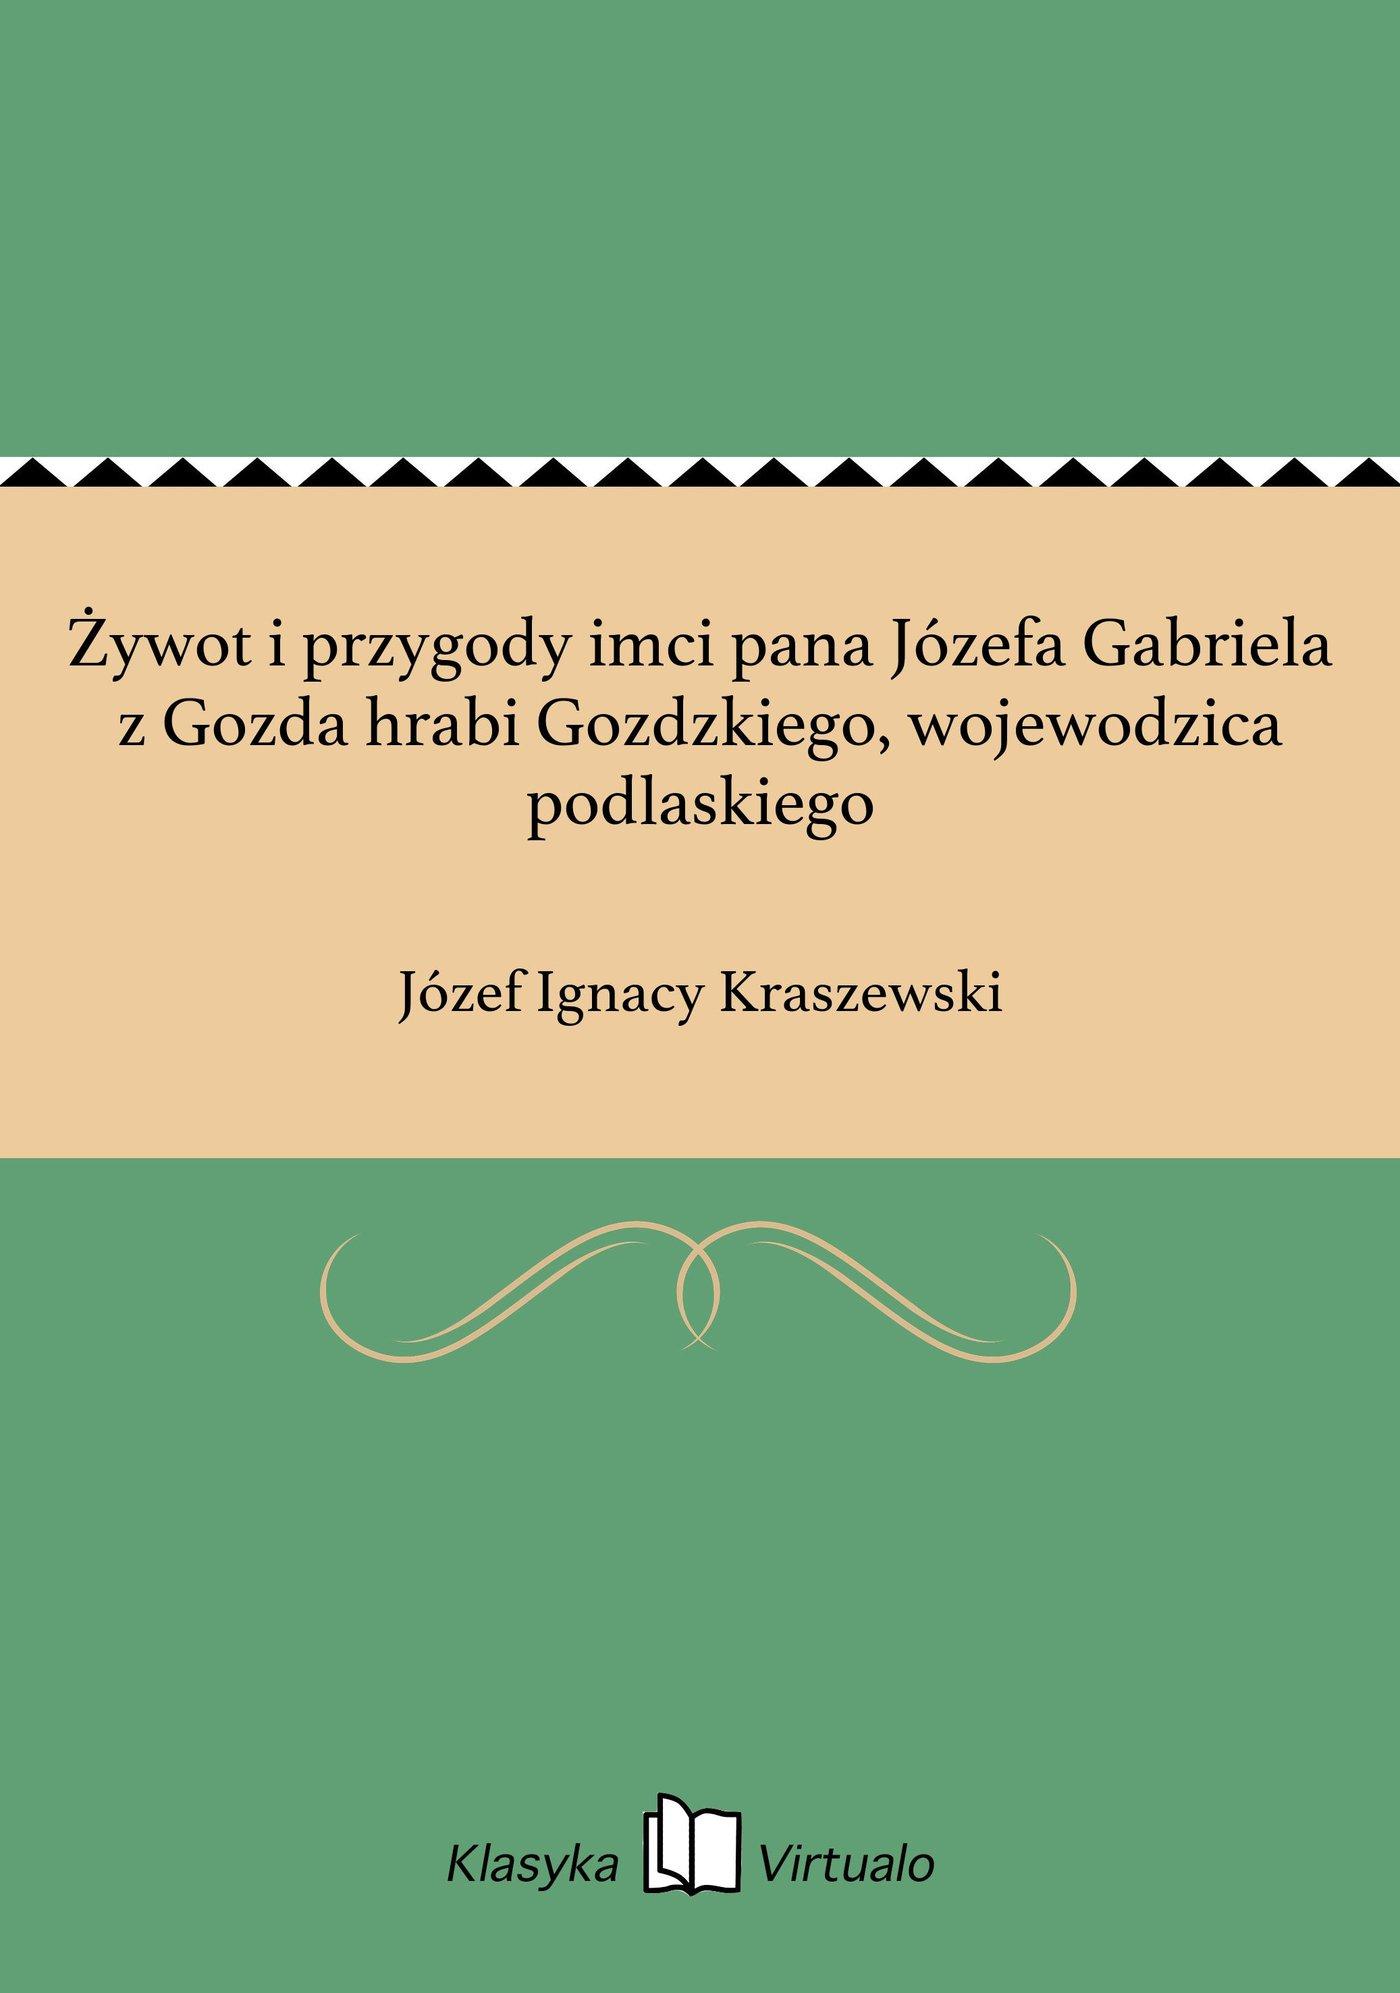 Żywot i przygody imci pana Józefa Gabriela z Gozda hrabi Gozdzkiego, wojewodzica podlaskiego - Ebook (Książka EPUB) do pobrania w formacie EPUB